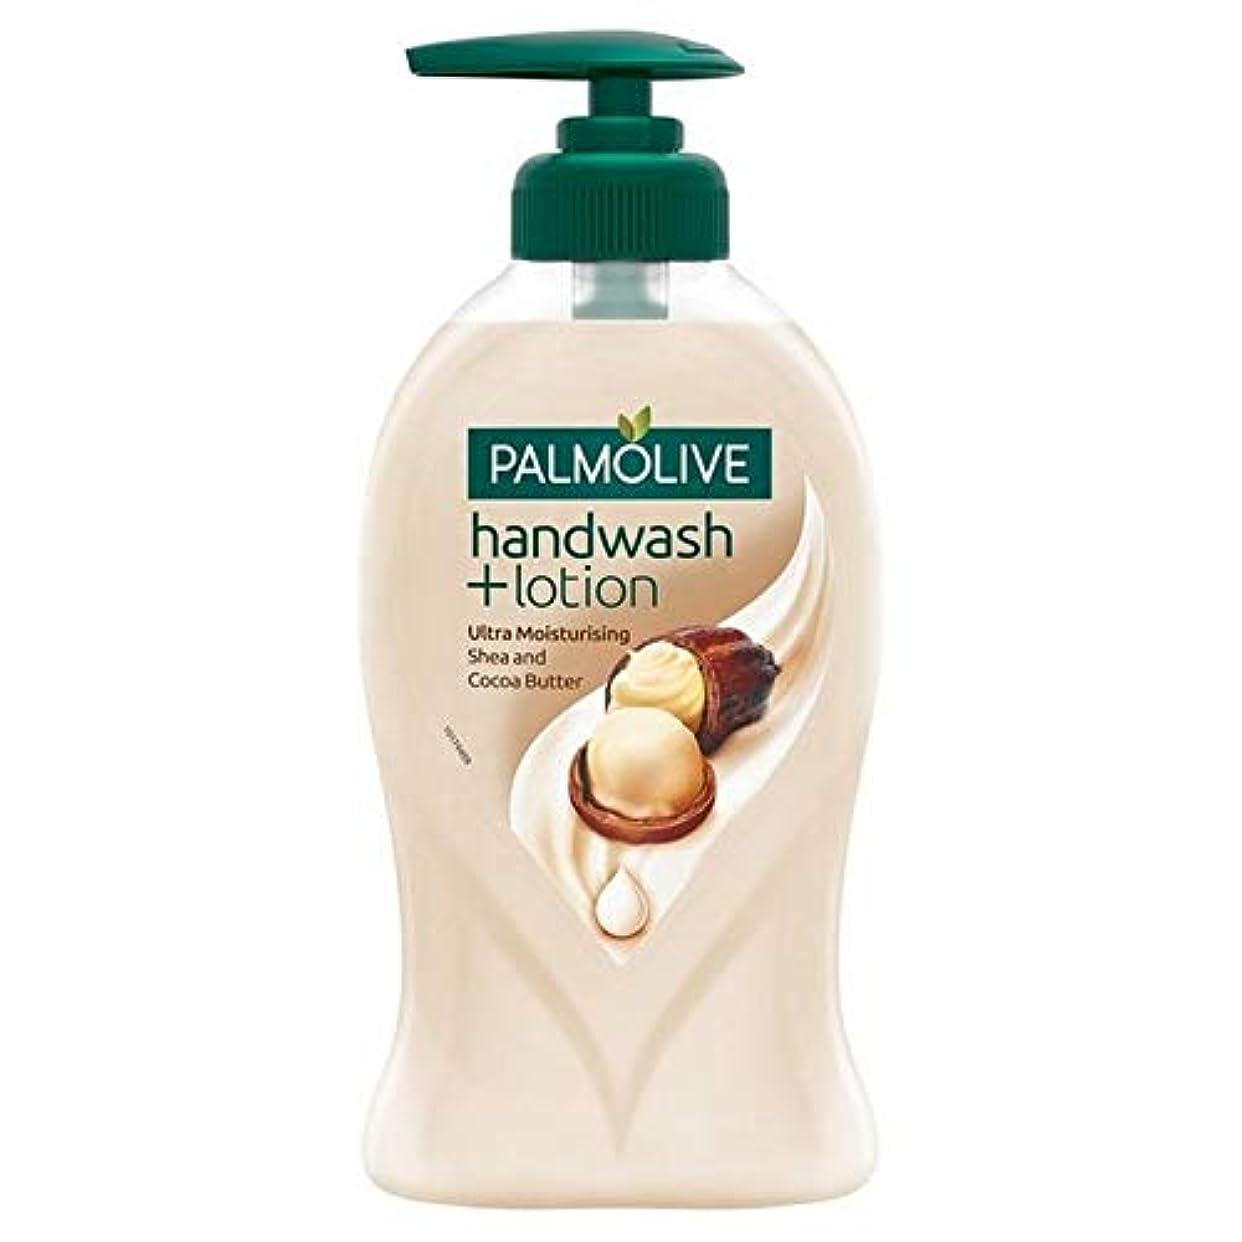 メイトスナック思われる[Palmolive ] Palmolive社手洗い+ローションシア&ココアバター250ミリリットル - Palmolive Handwash + Lotion Shea & Cocoa Butter 250ml [並行輸入品]